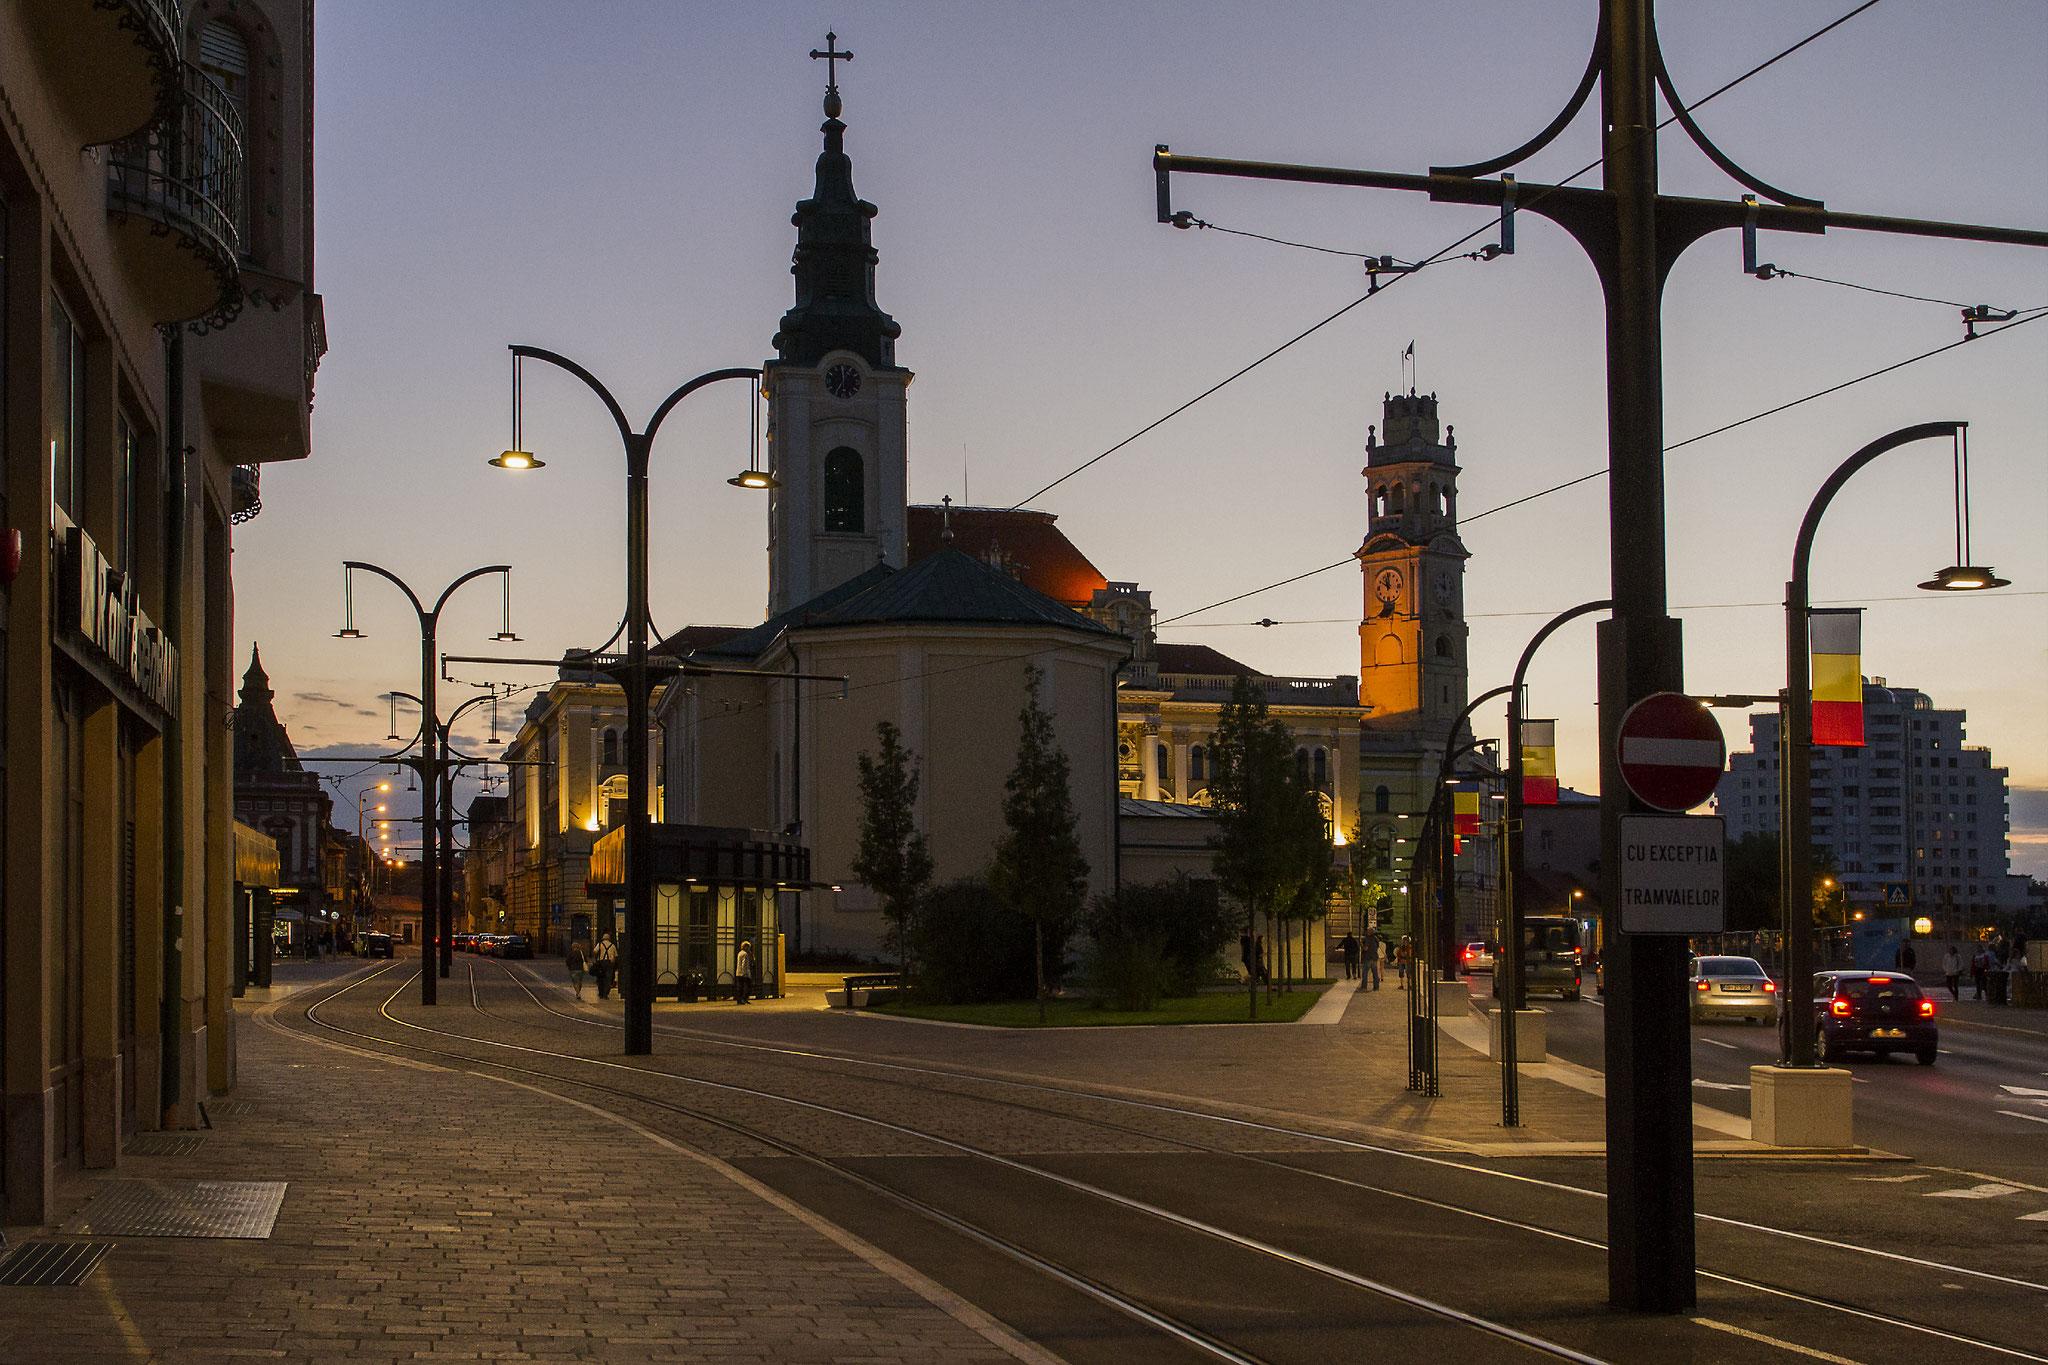 Koppány György (Hungary)